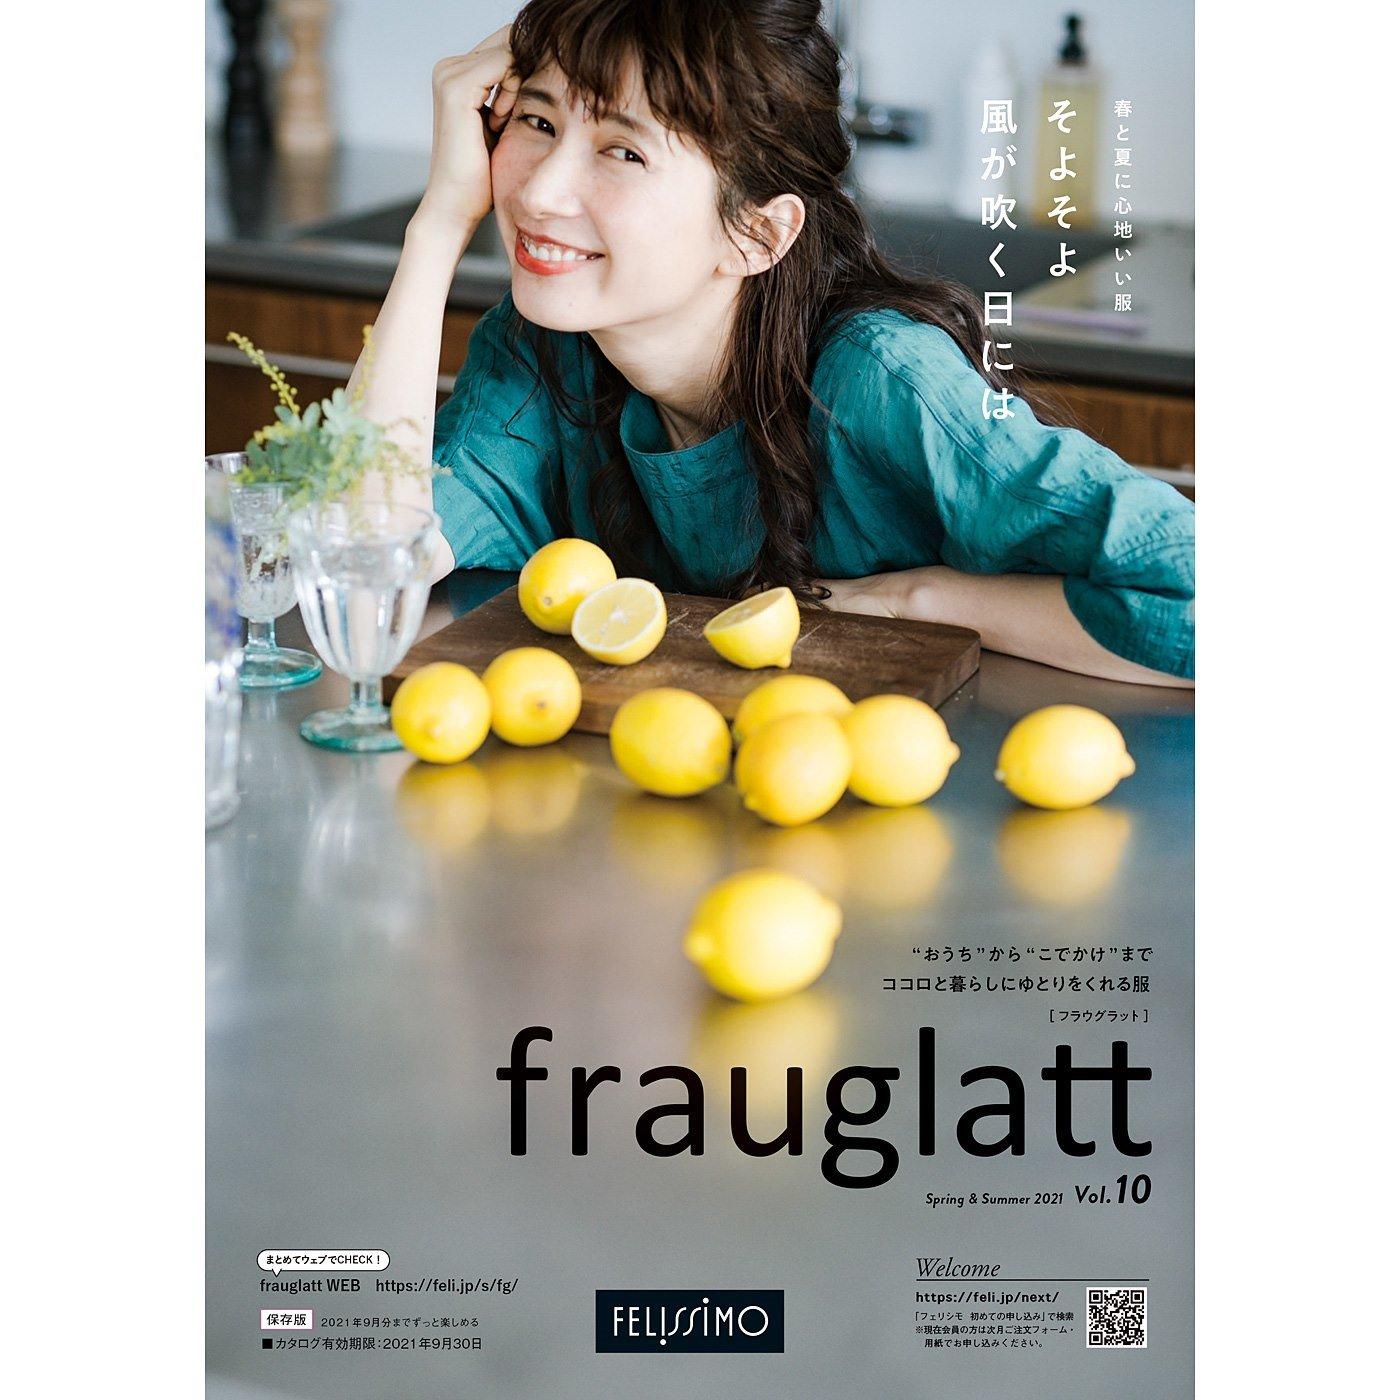 fraugratt [フラウグラット] Spring & Summer 2021